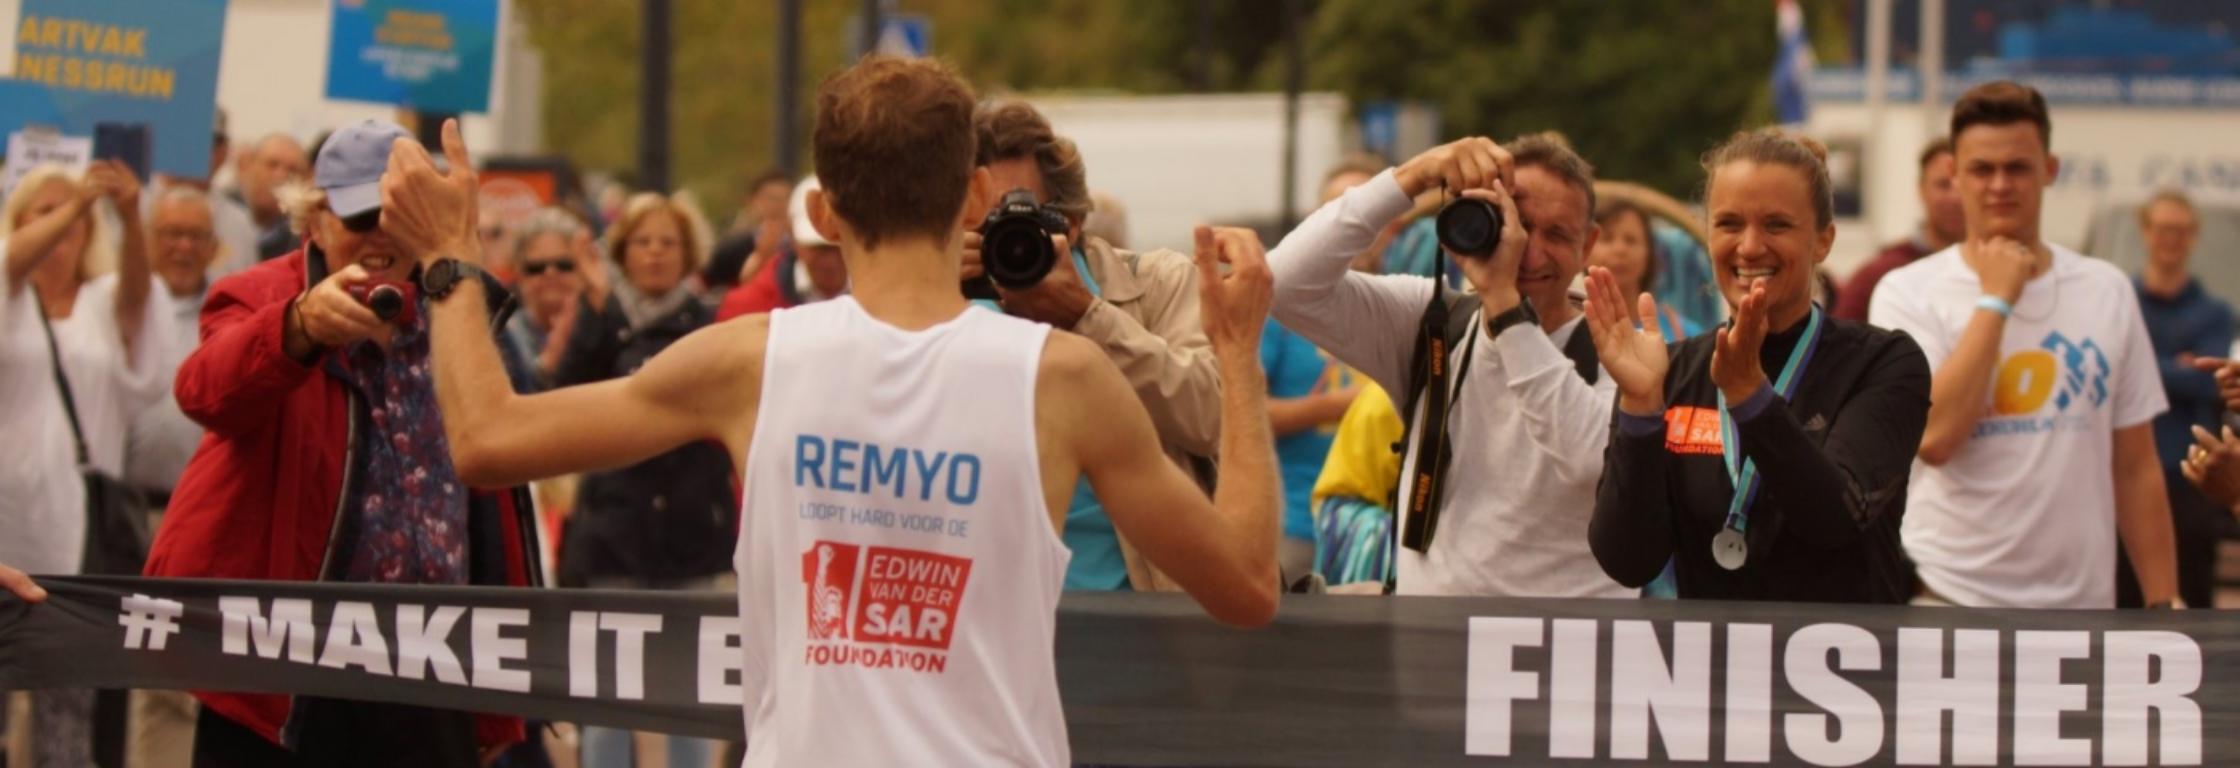 Remyo Tielsema wint drie jaar na hersenbloeding de 10 van Noordwijk